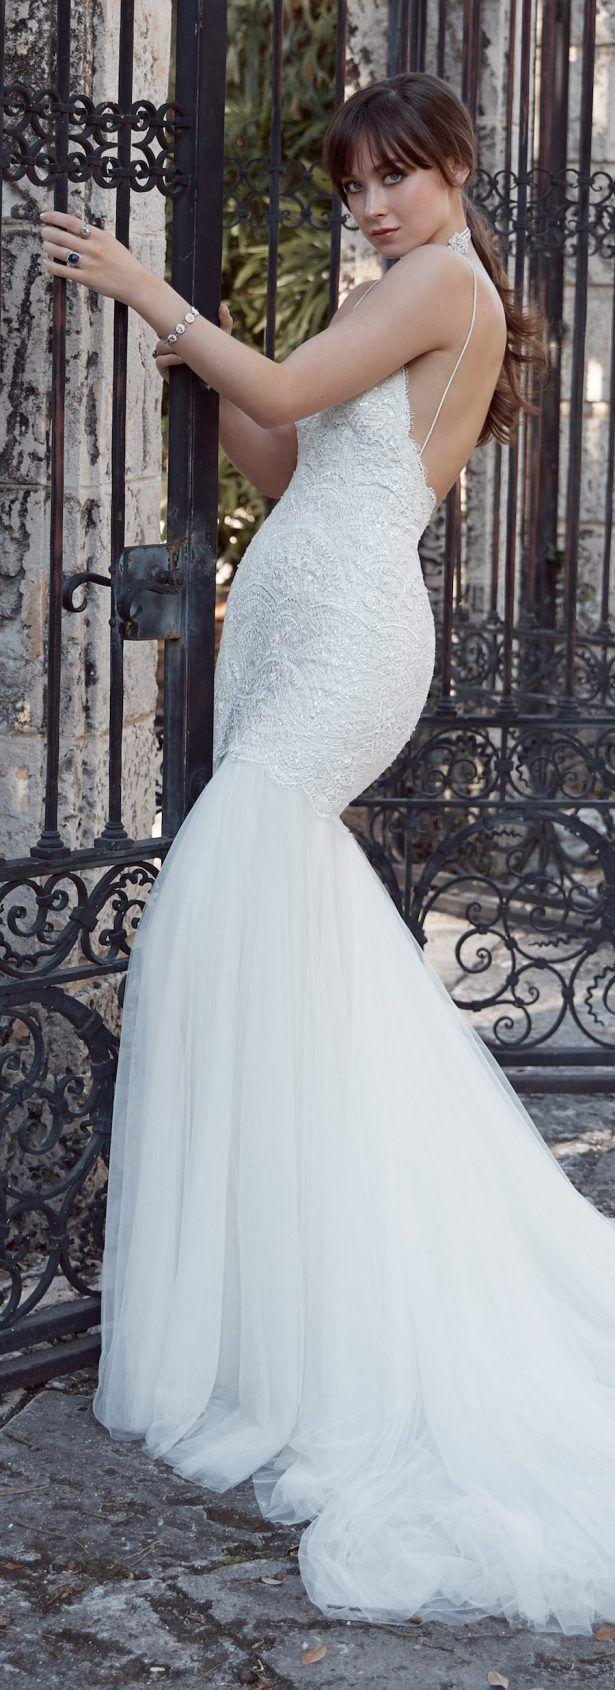 Fine Vestido Novia Segunda Mano Gallery - Wedding Ideas - memiocall.com